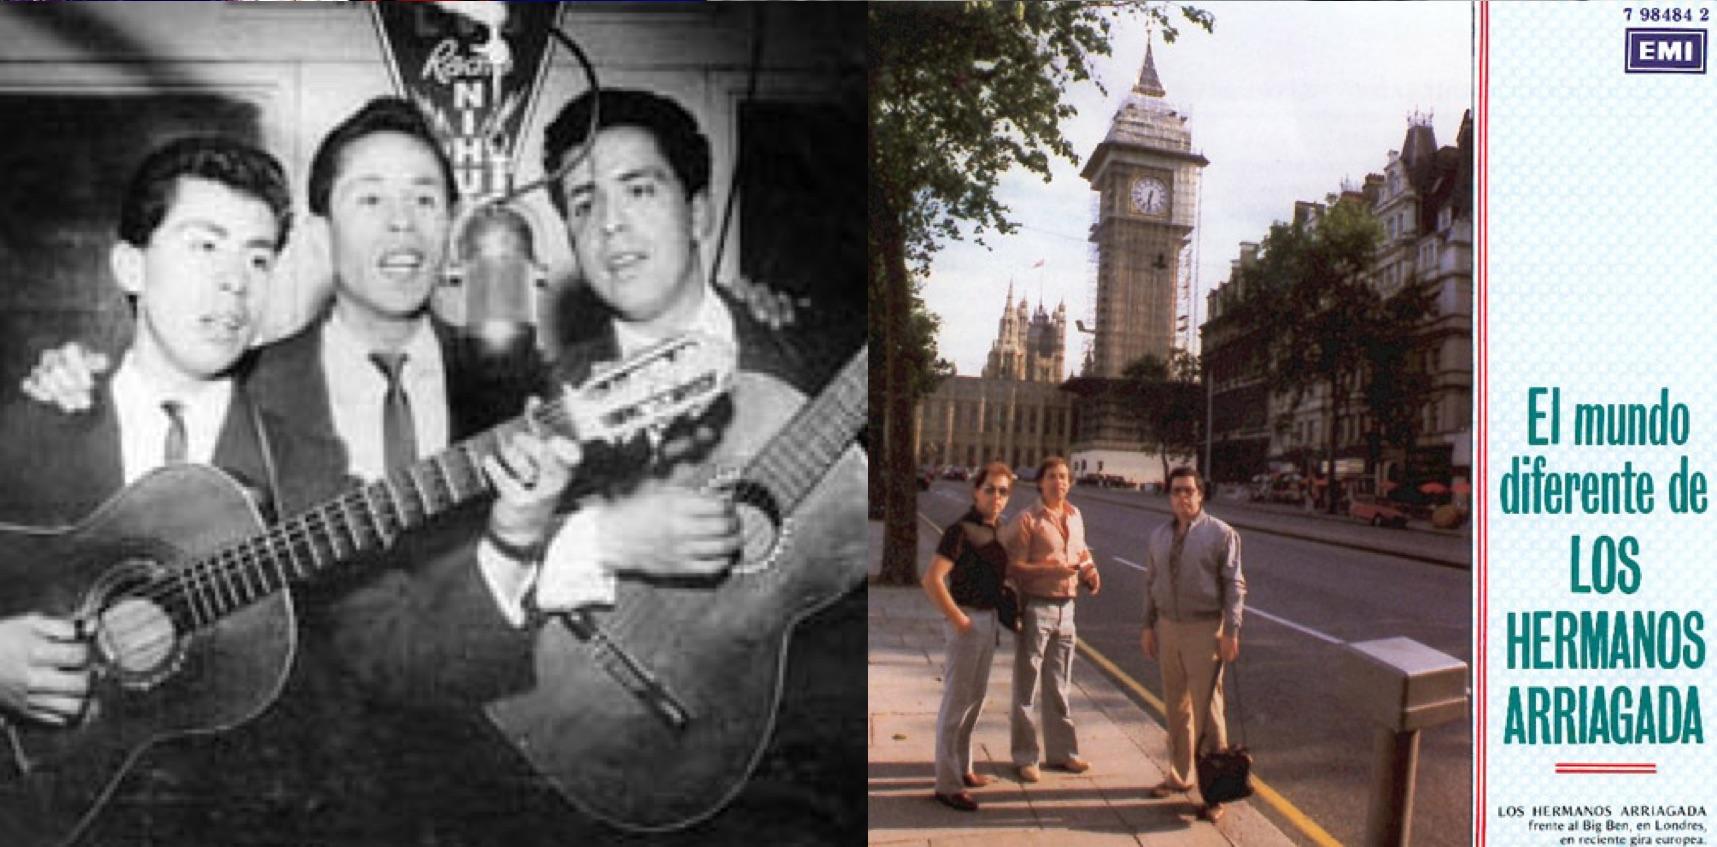 """Izq.: Los Hermanos Arriagada en la época de las """"guitarritas"""". Der.: Frente al Big Ben en Londres."""